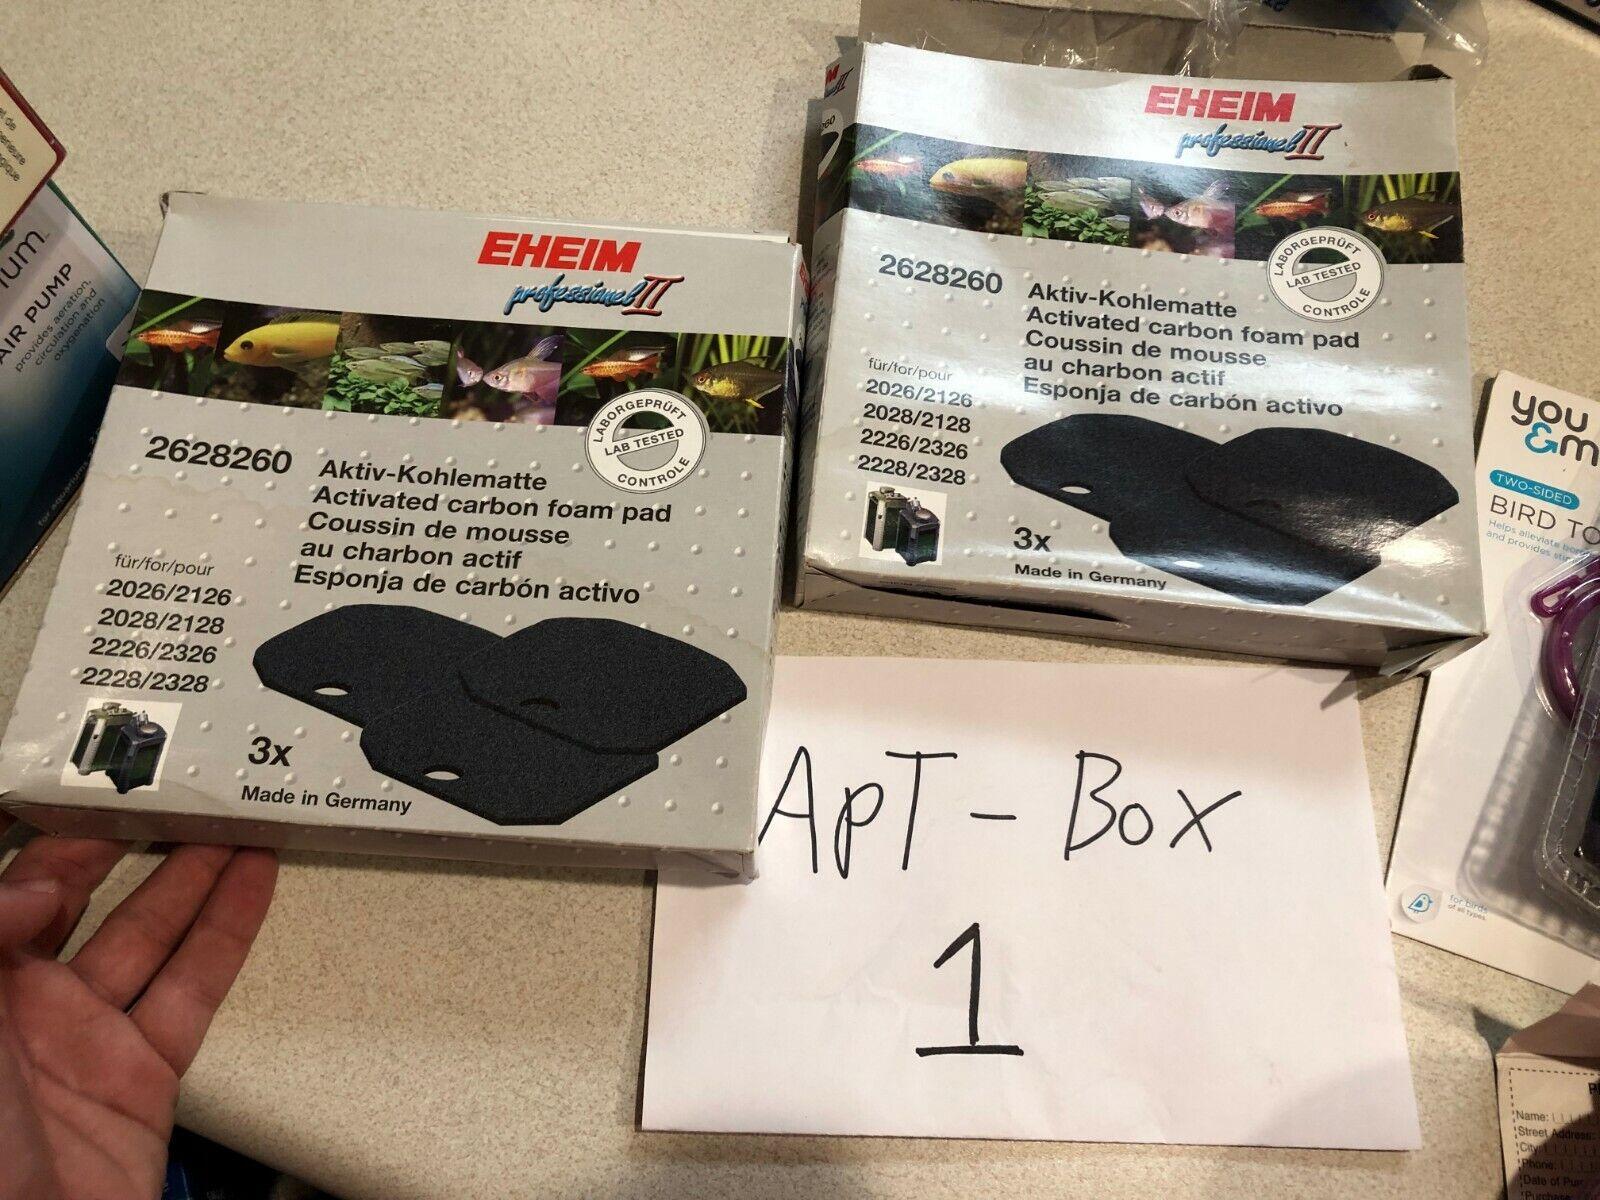 (2) Eheim Pro 2 2226 2026 & 2228 2028 Carbon Filter Pad 2628260 Professional II